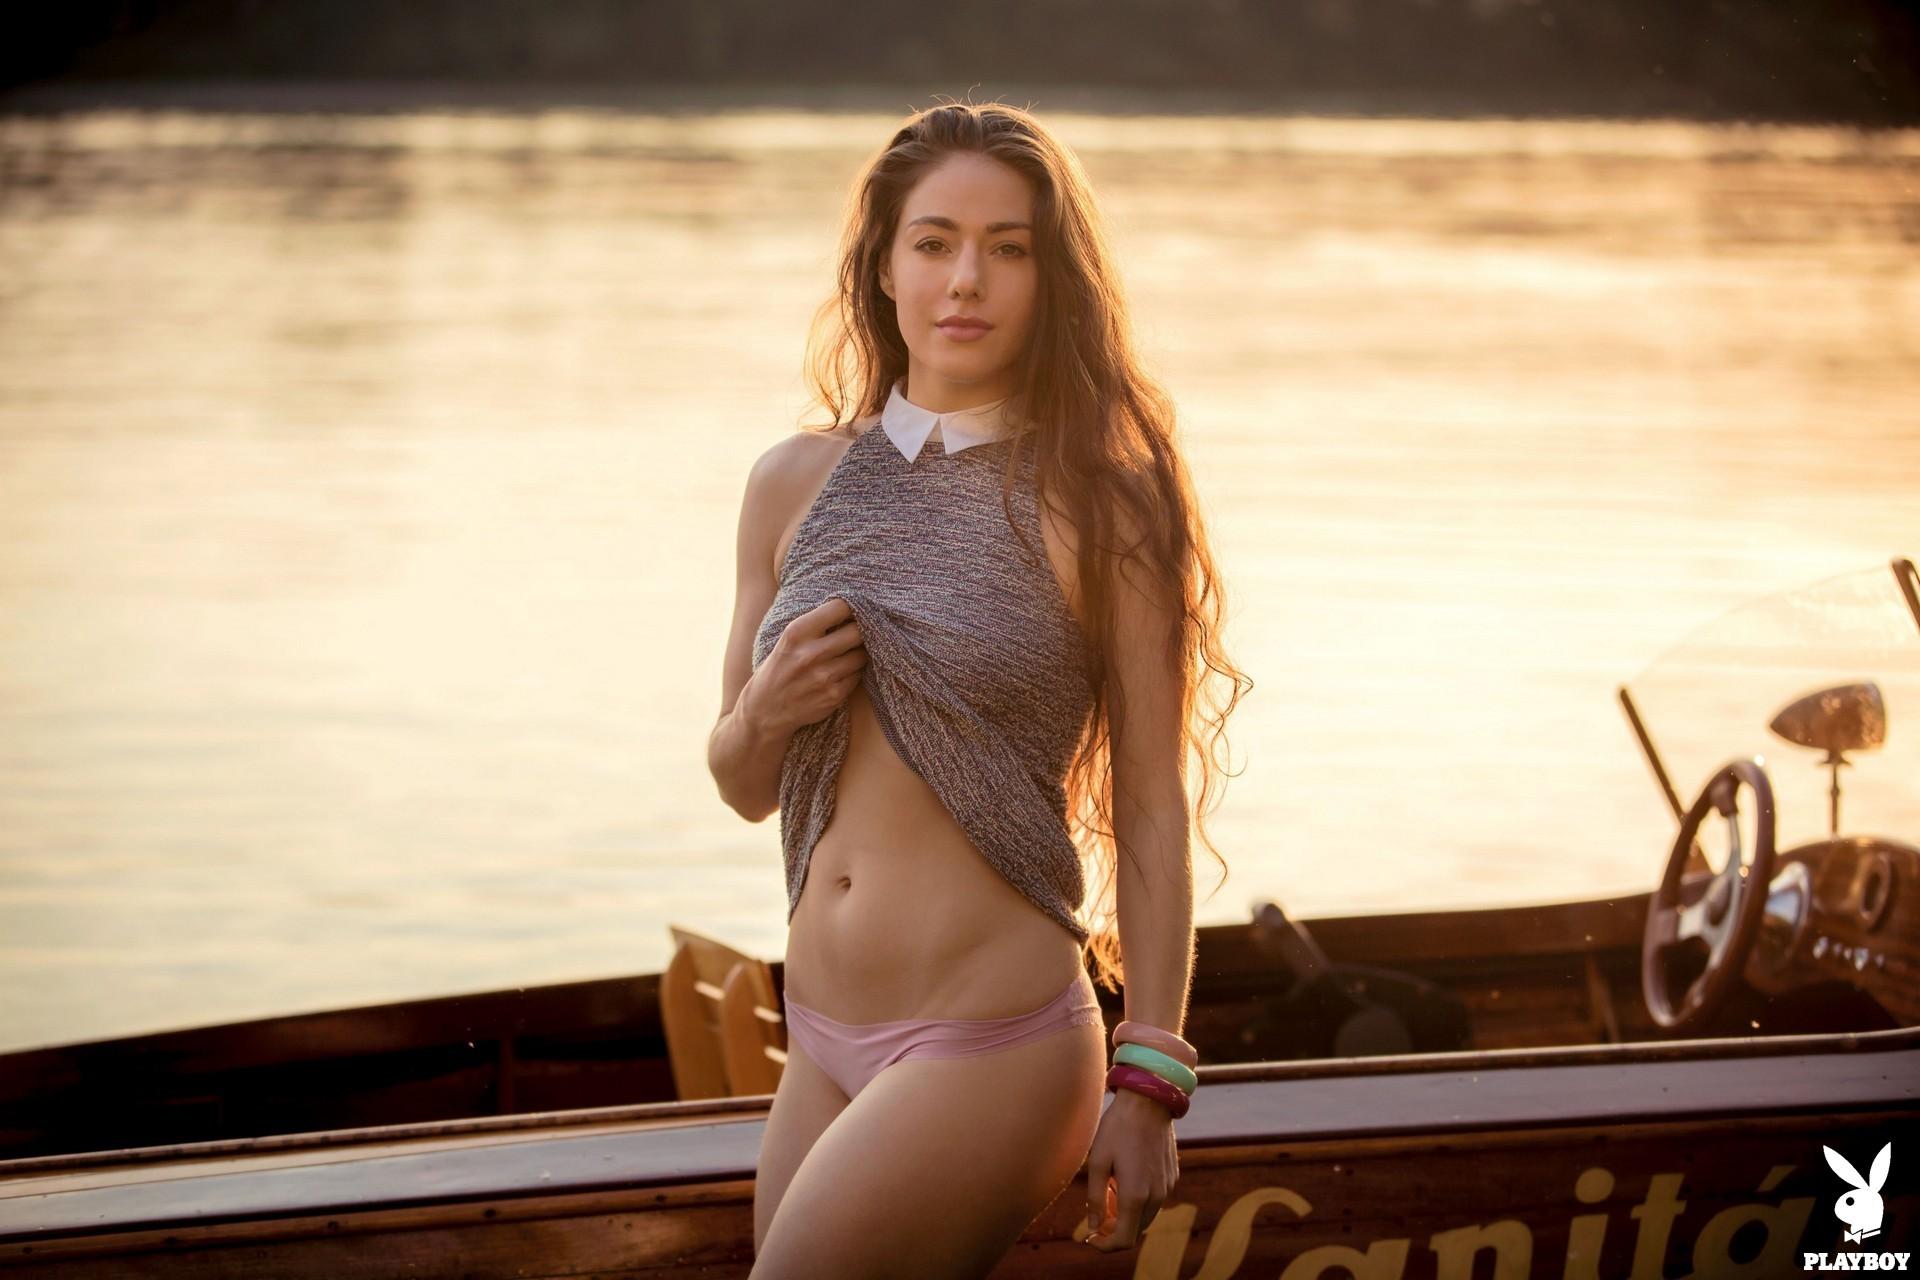 Joy Draiki in Sensational Voyage - Playboy Plus 15